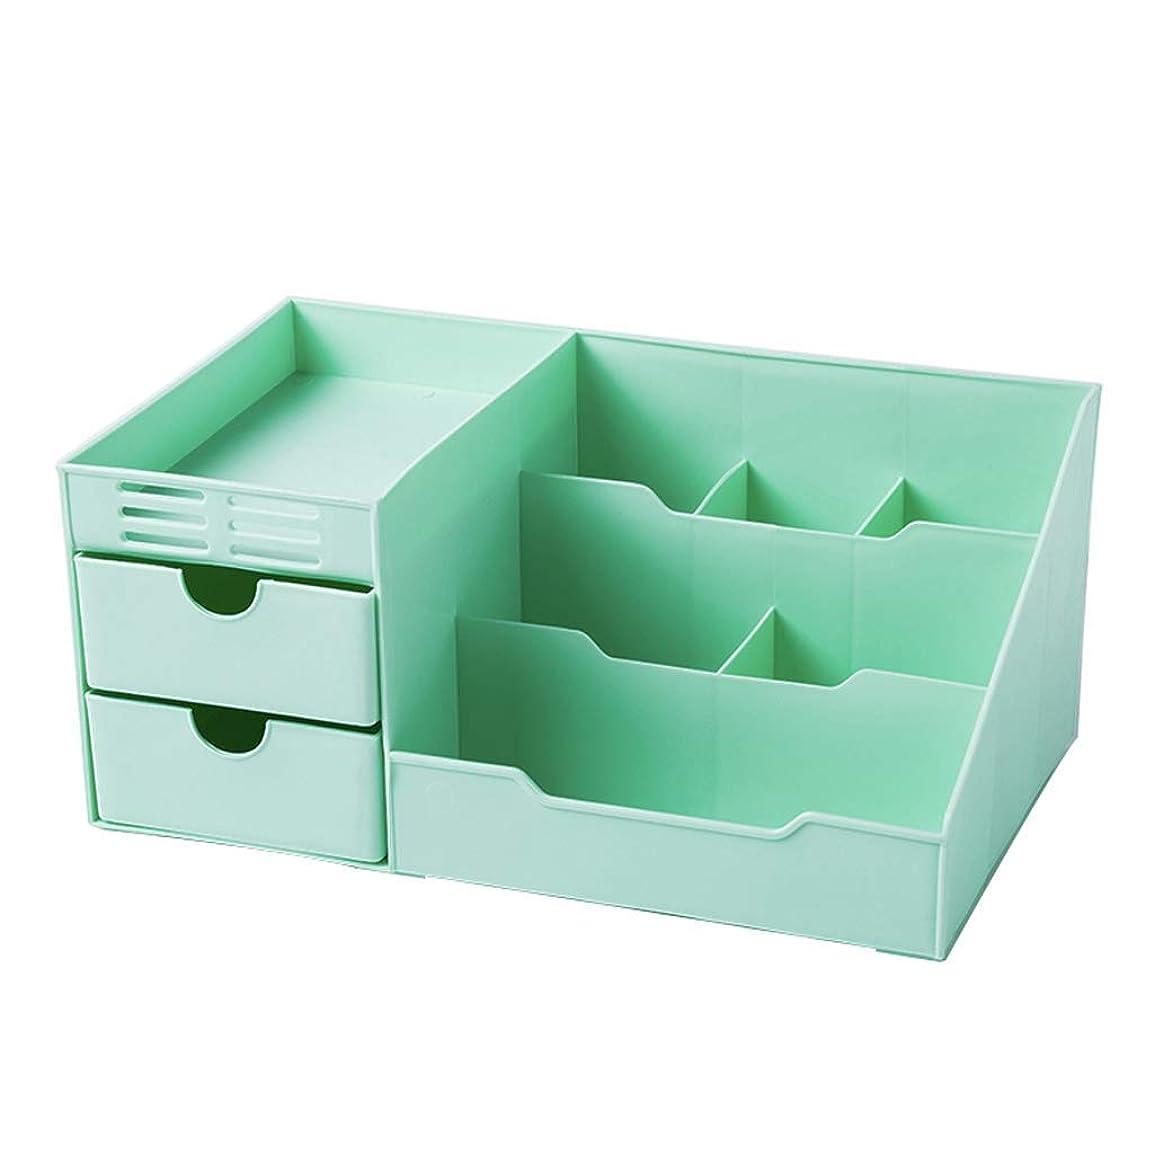 いたずら圧倒するカレンダープラスチック化粧品収納ボックスデスクトップスキンケアジュエリーストレージディスプレイキャビネット